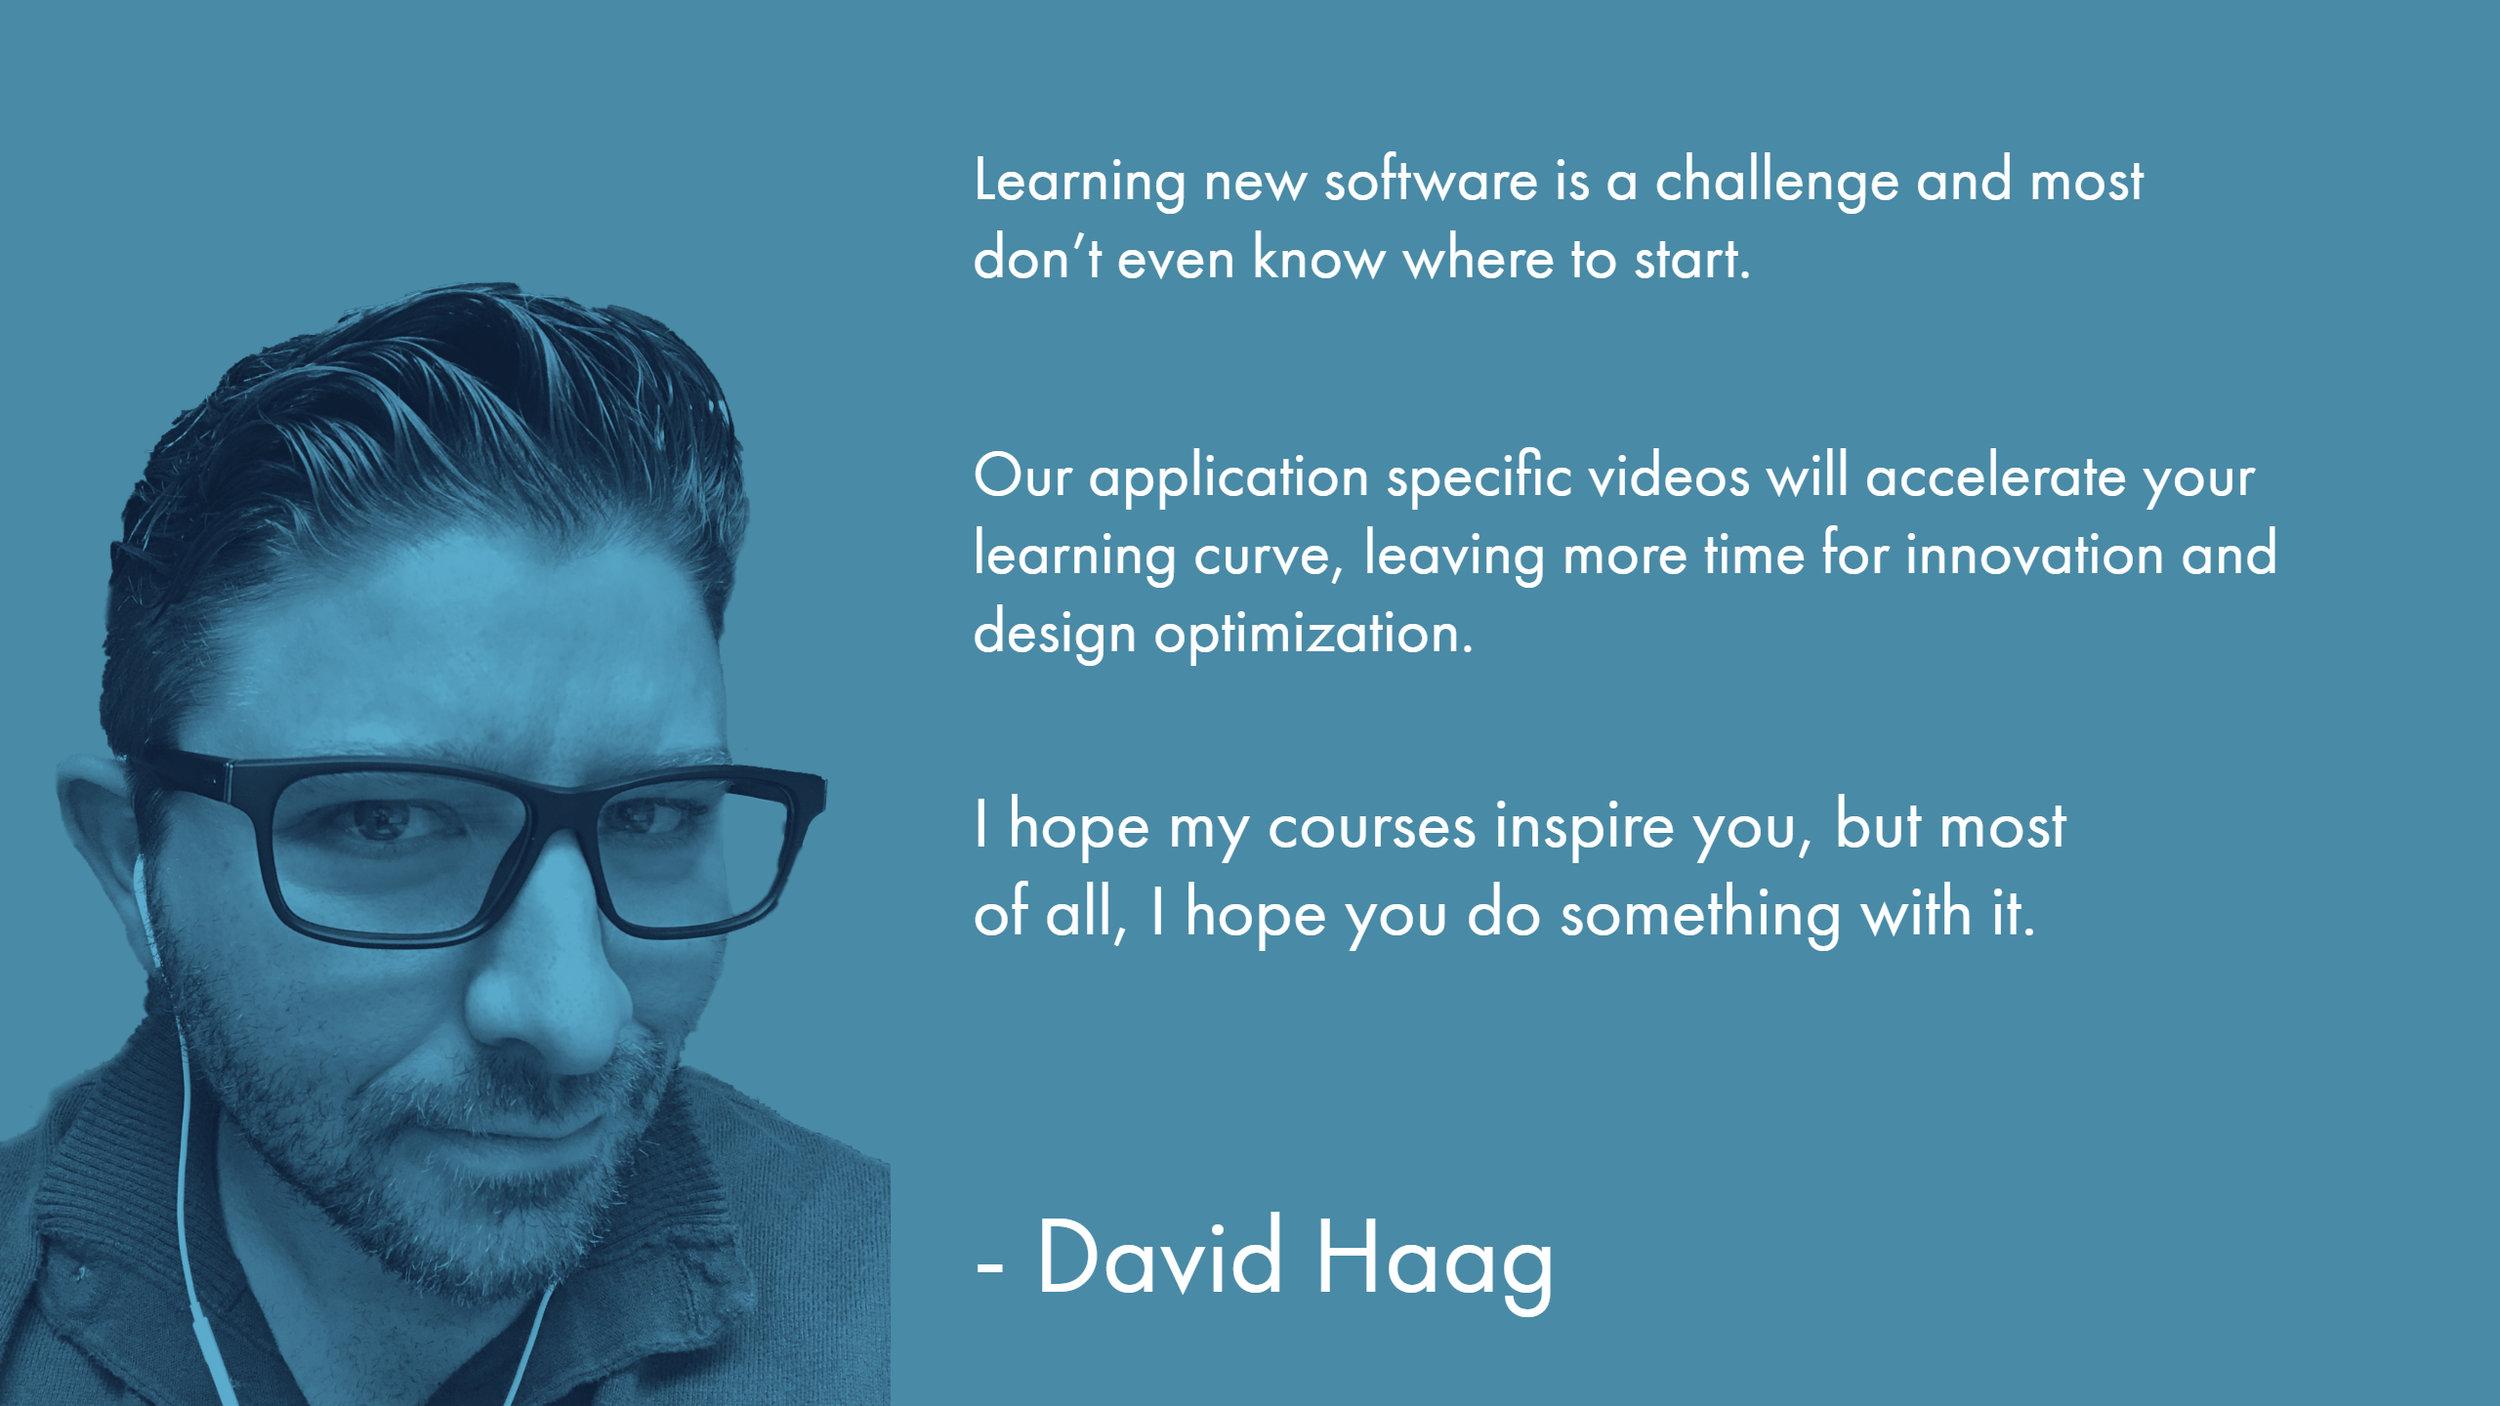 Application Specific Training Videos - David Haag